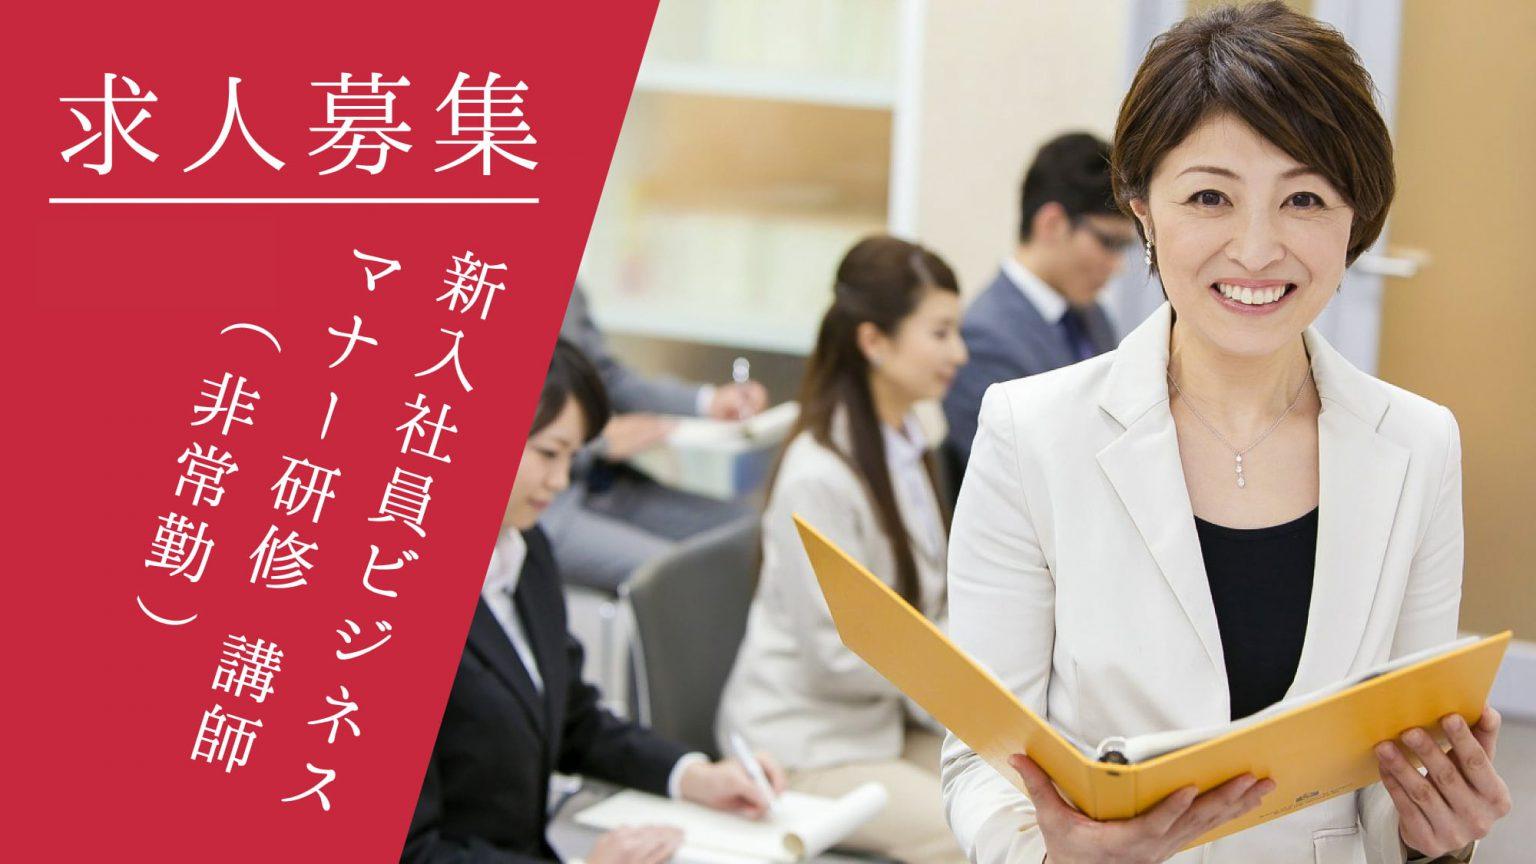 新入社員ビジネスマナー研修講師(非常勤)募集